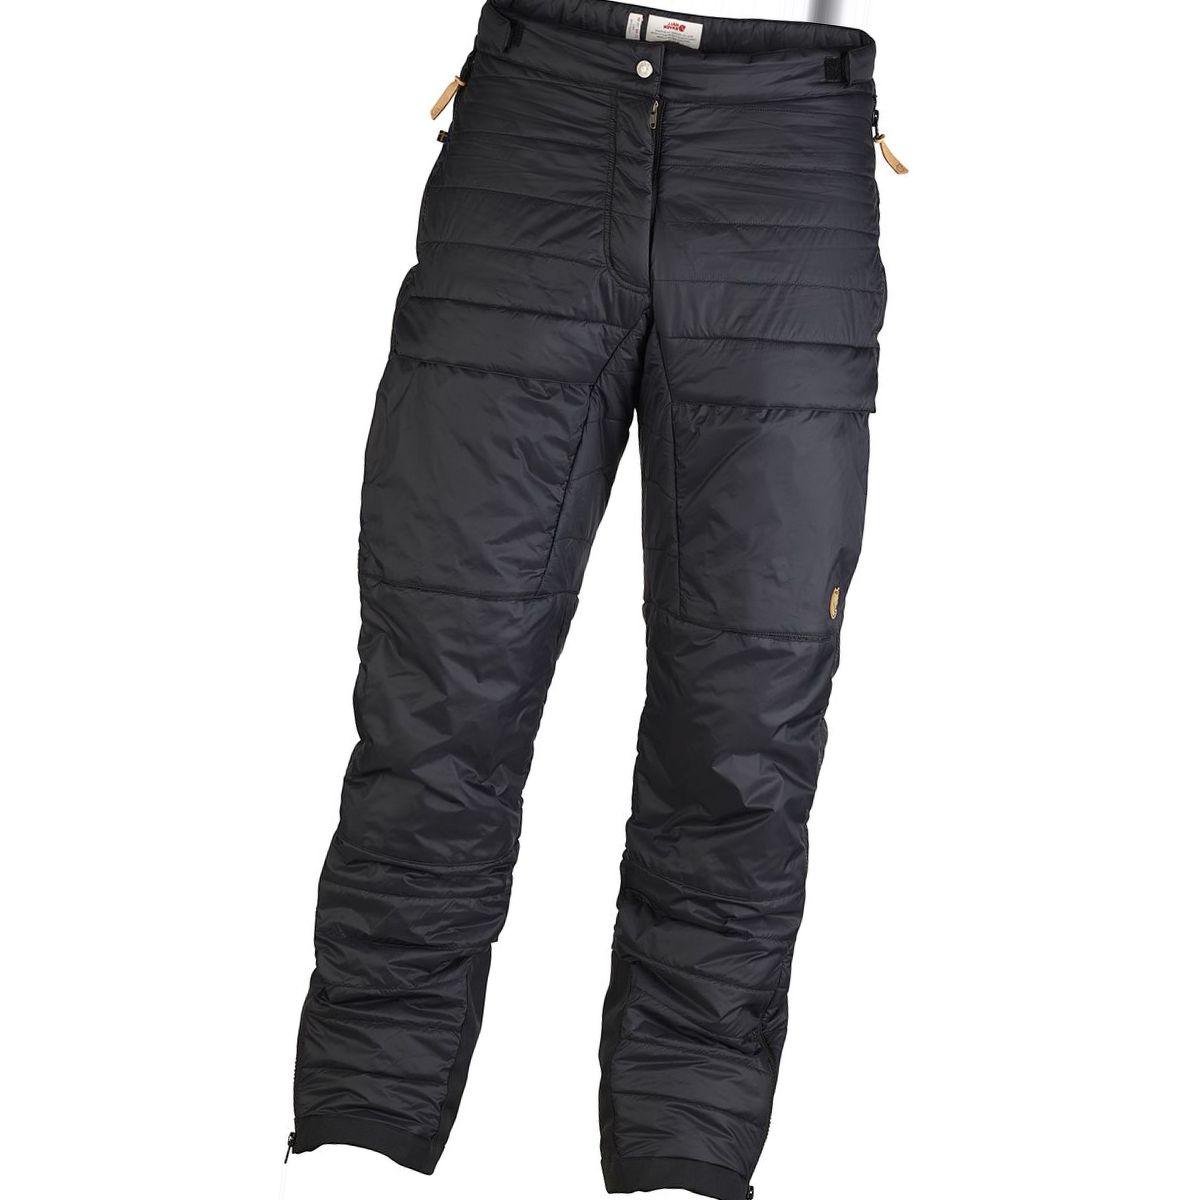 Fjallraven Keb Insulated Touring Trouser - Men's